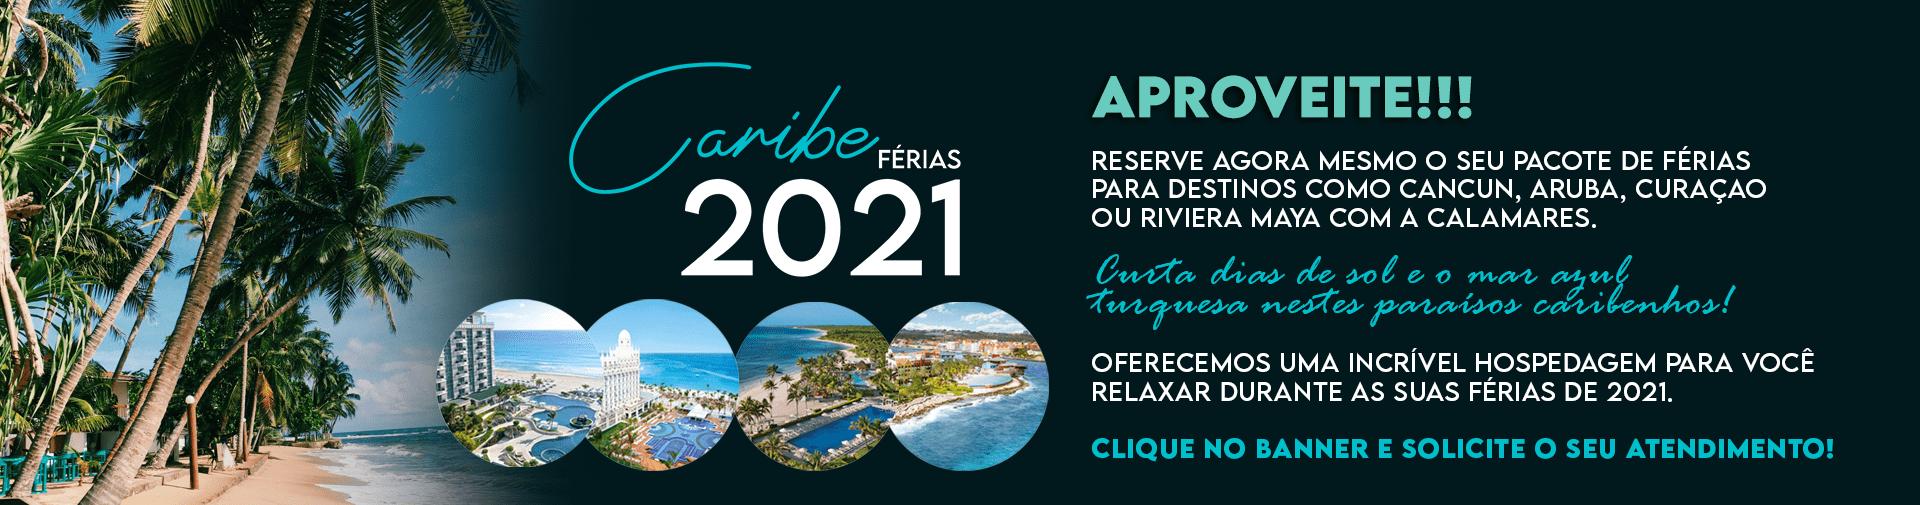 Aproveite sua férias no Caribe em 2021